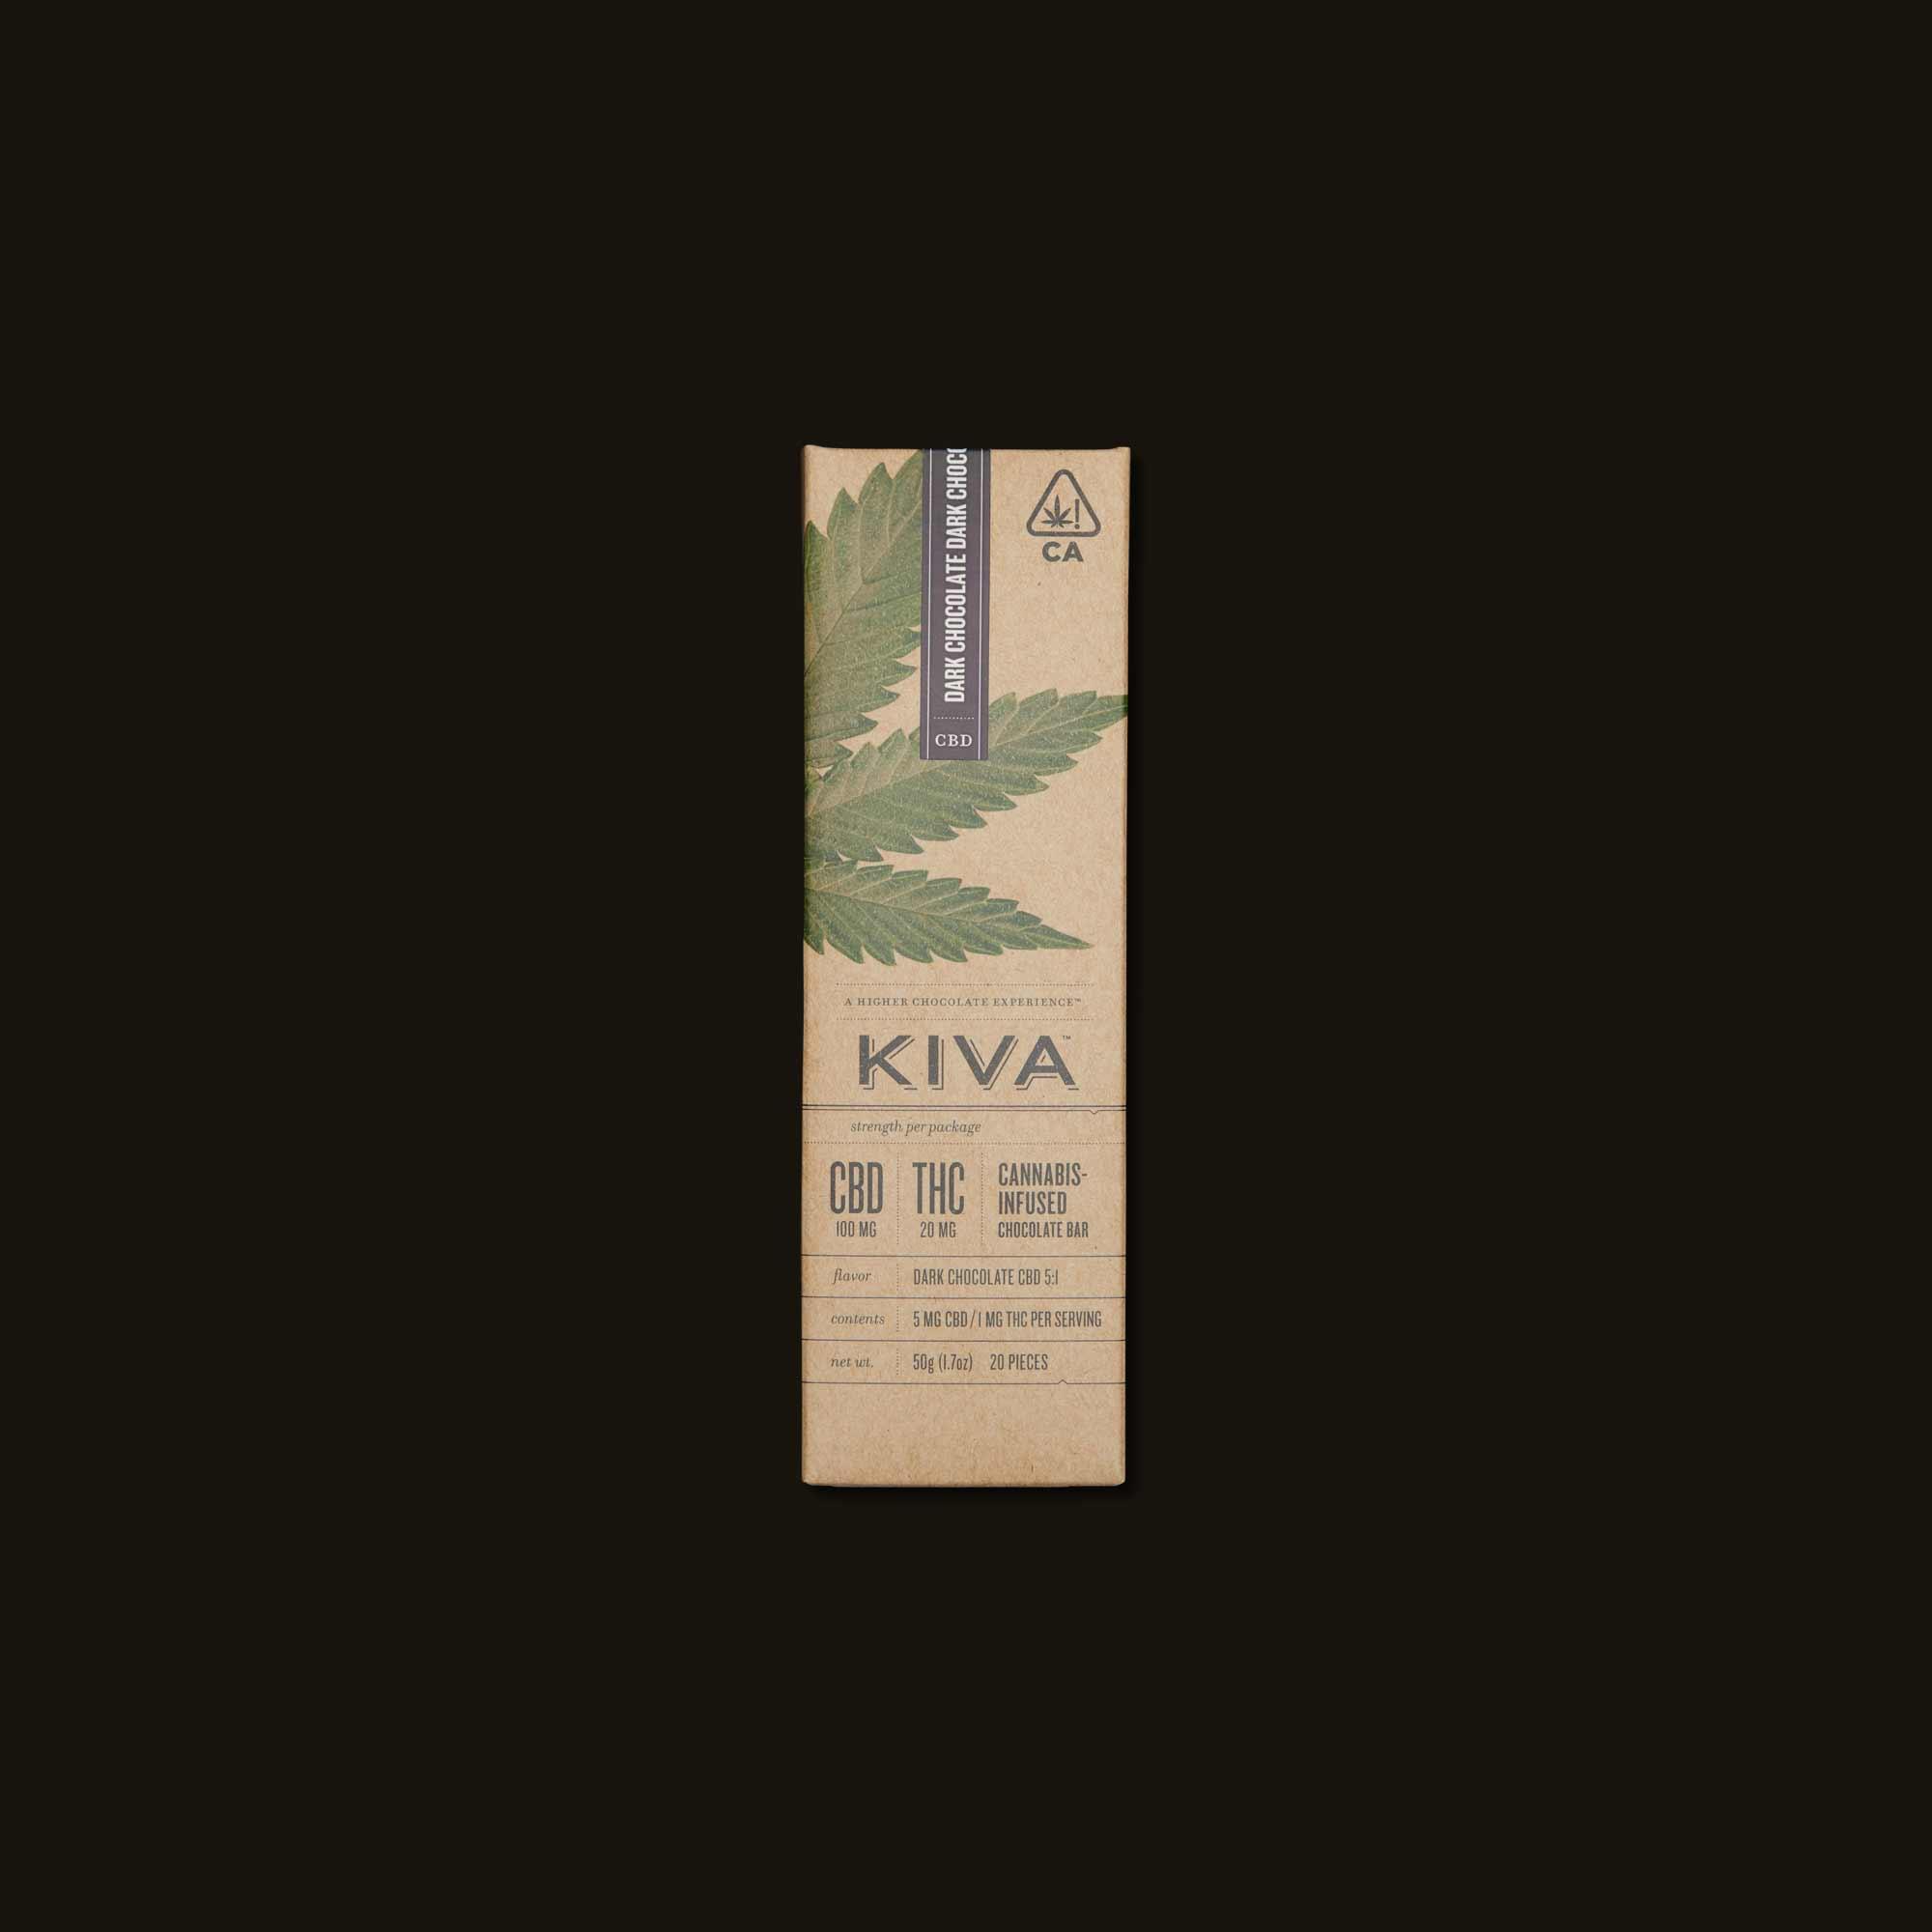 Kiva Dark Chocolate CBD Kiva Bar